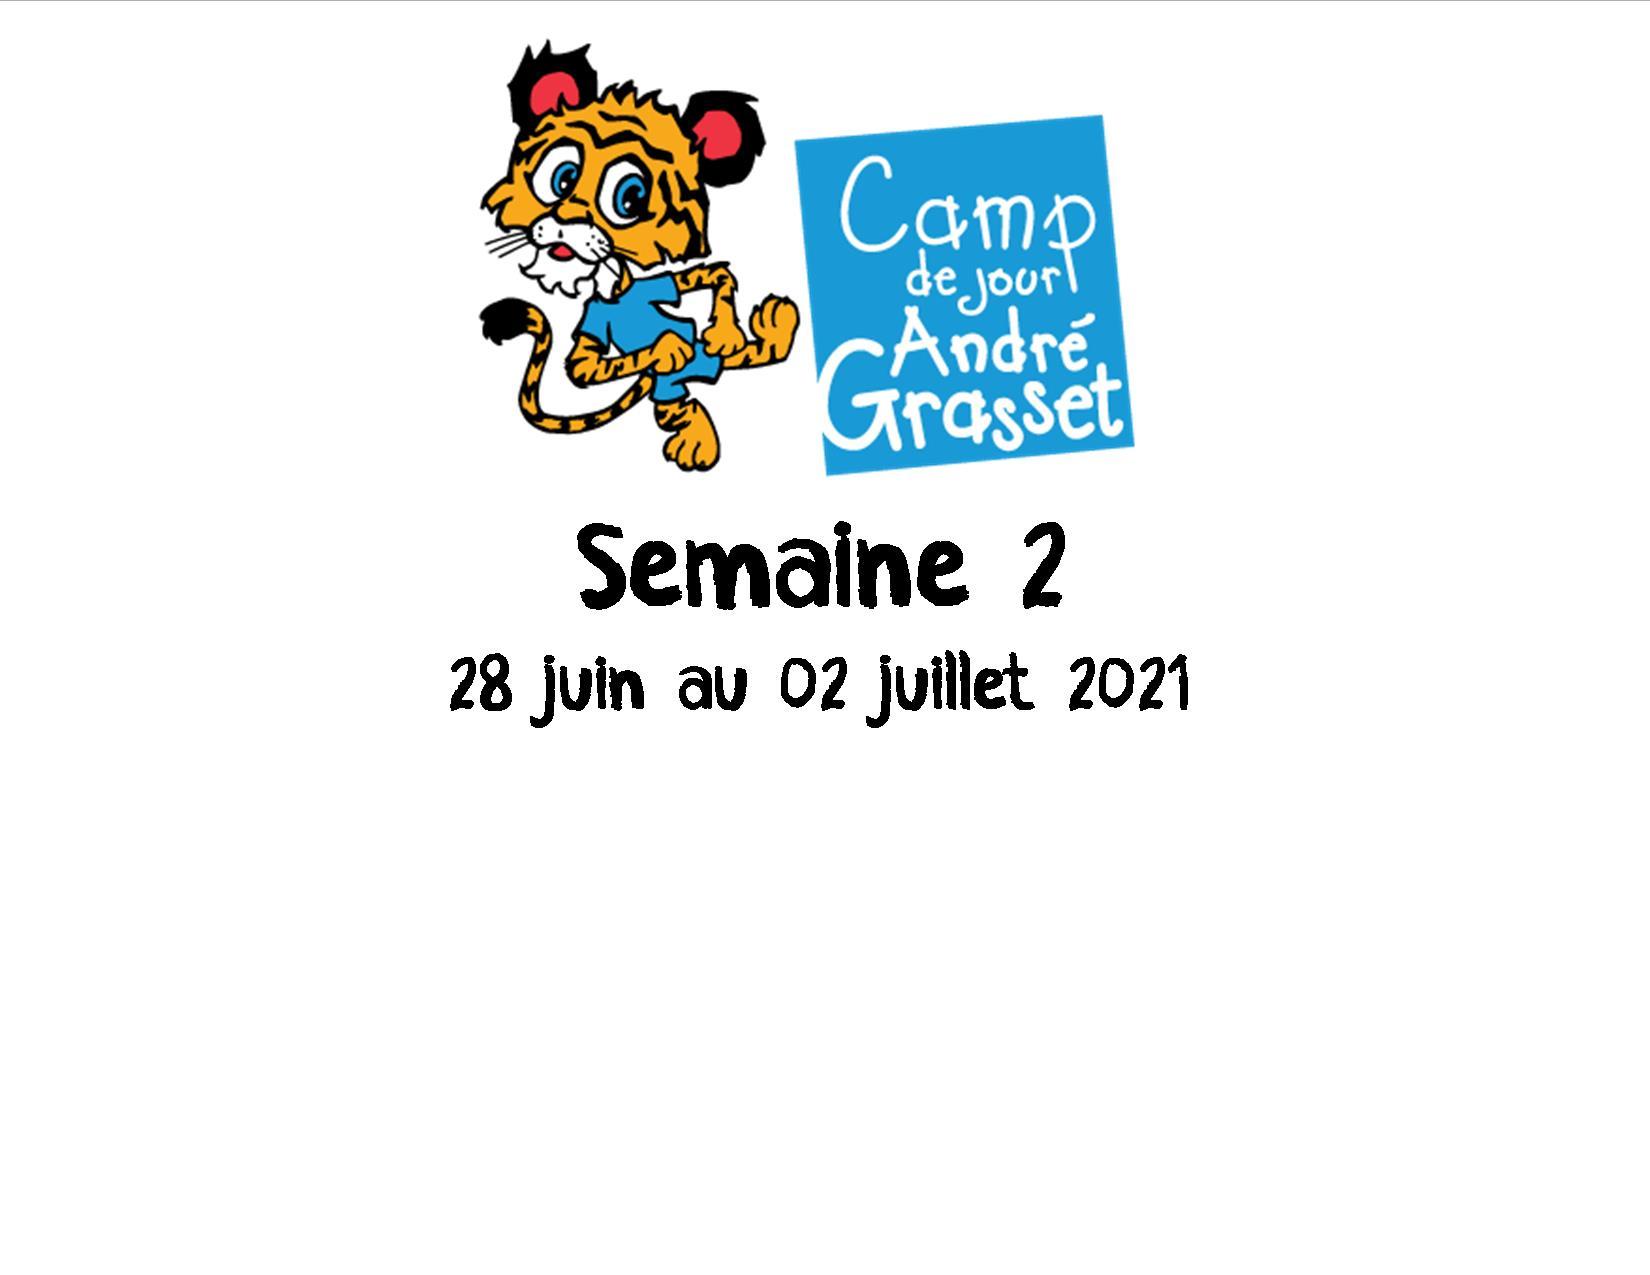 Semaine 2 (28 juin au 02 juillet 2021)